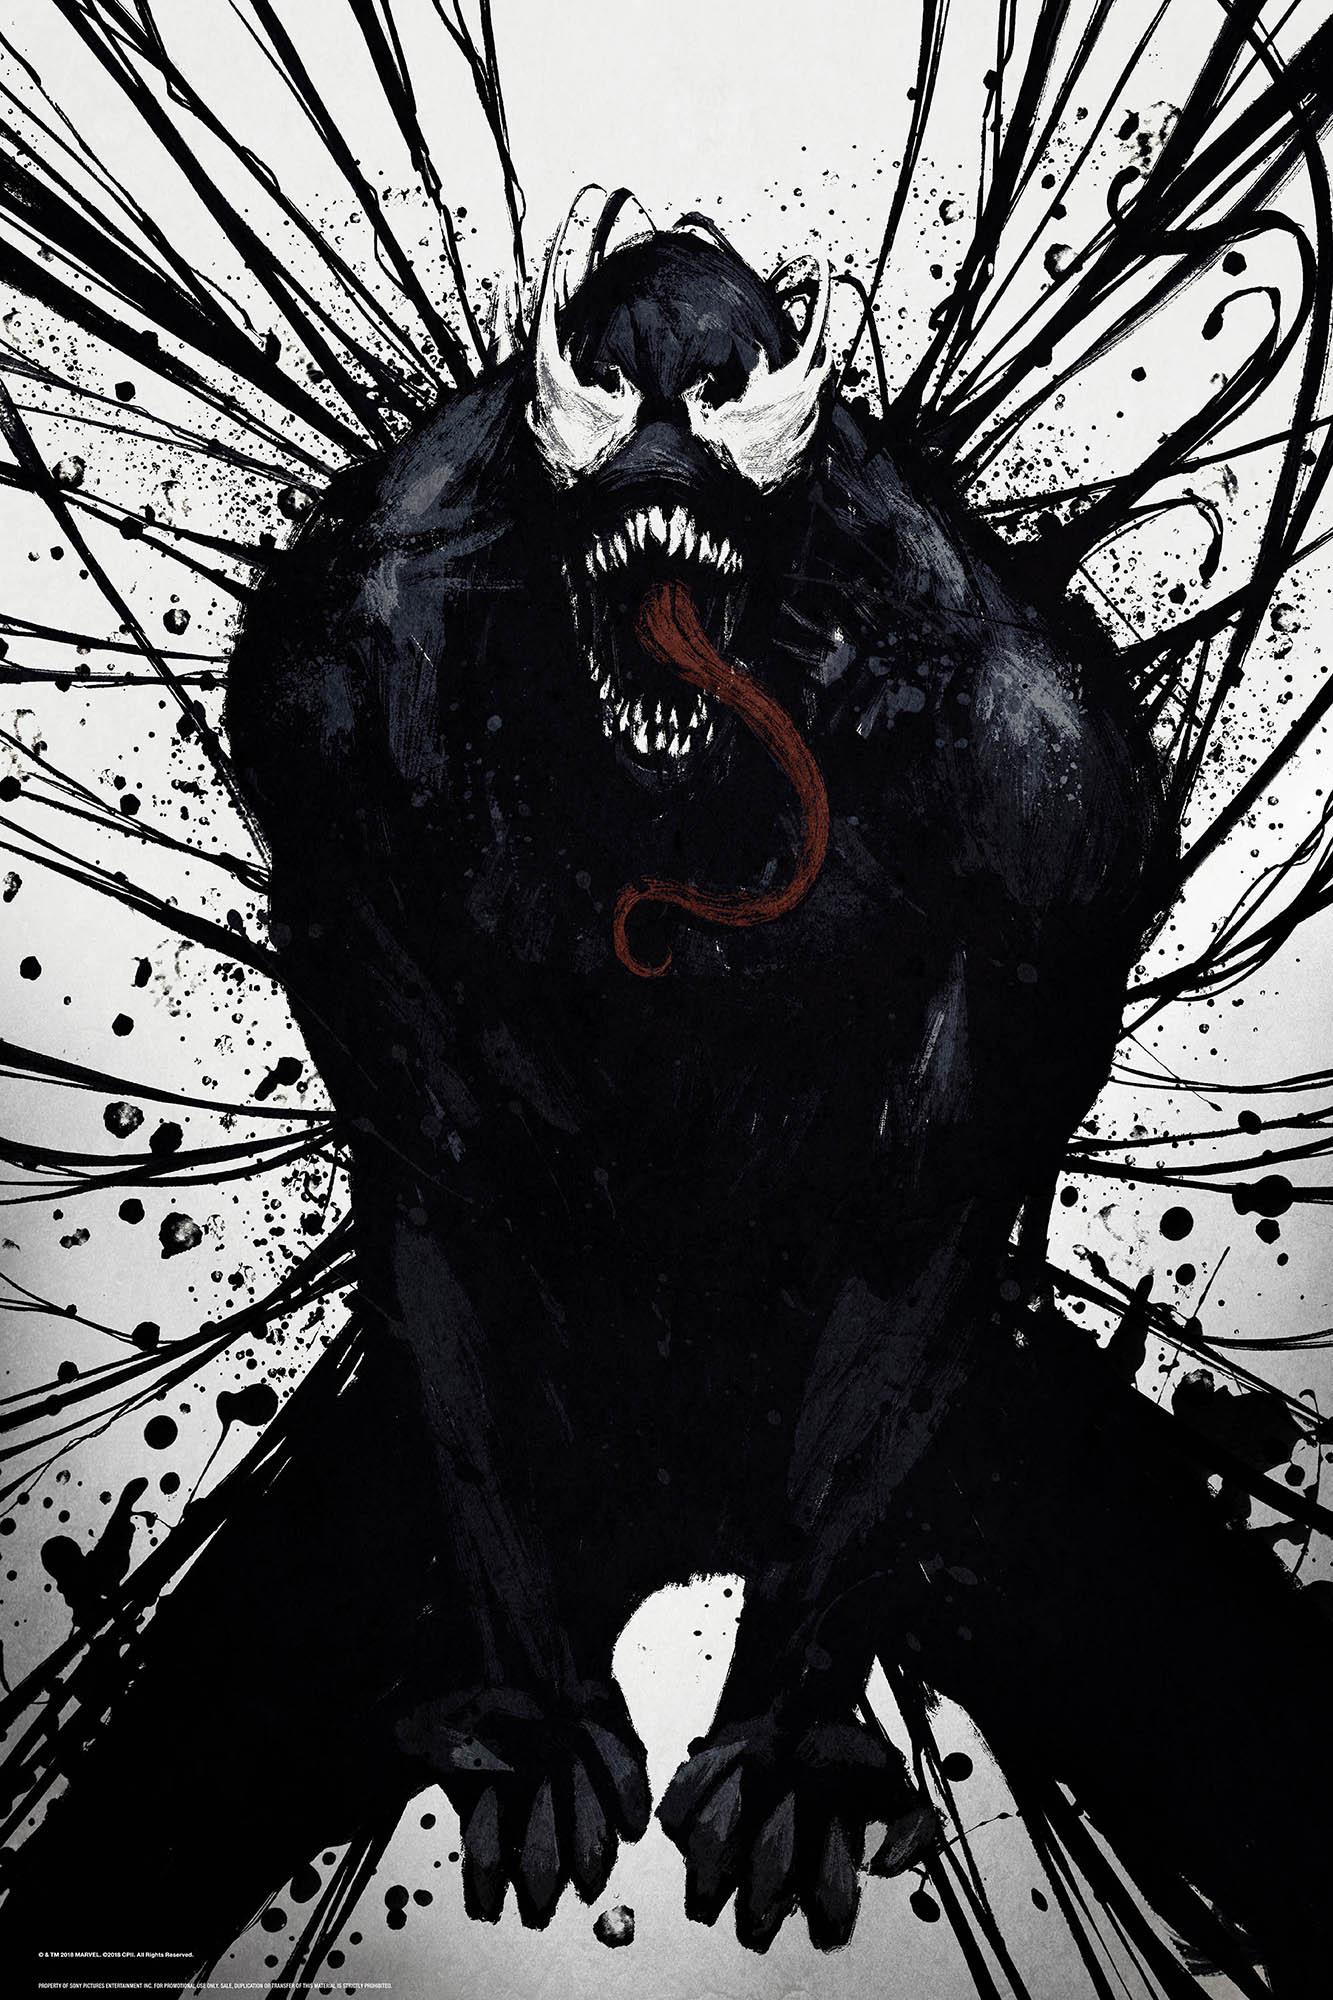 Venom_WP02_Front_100dpi.jpg